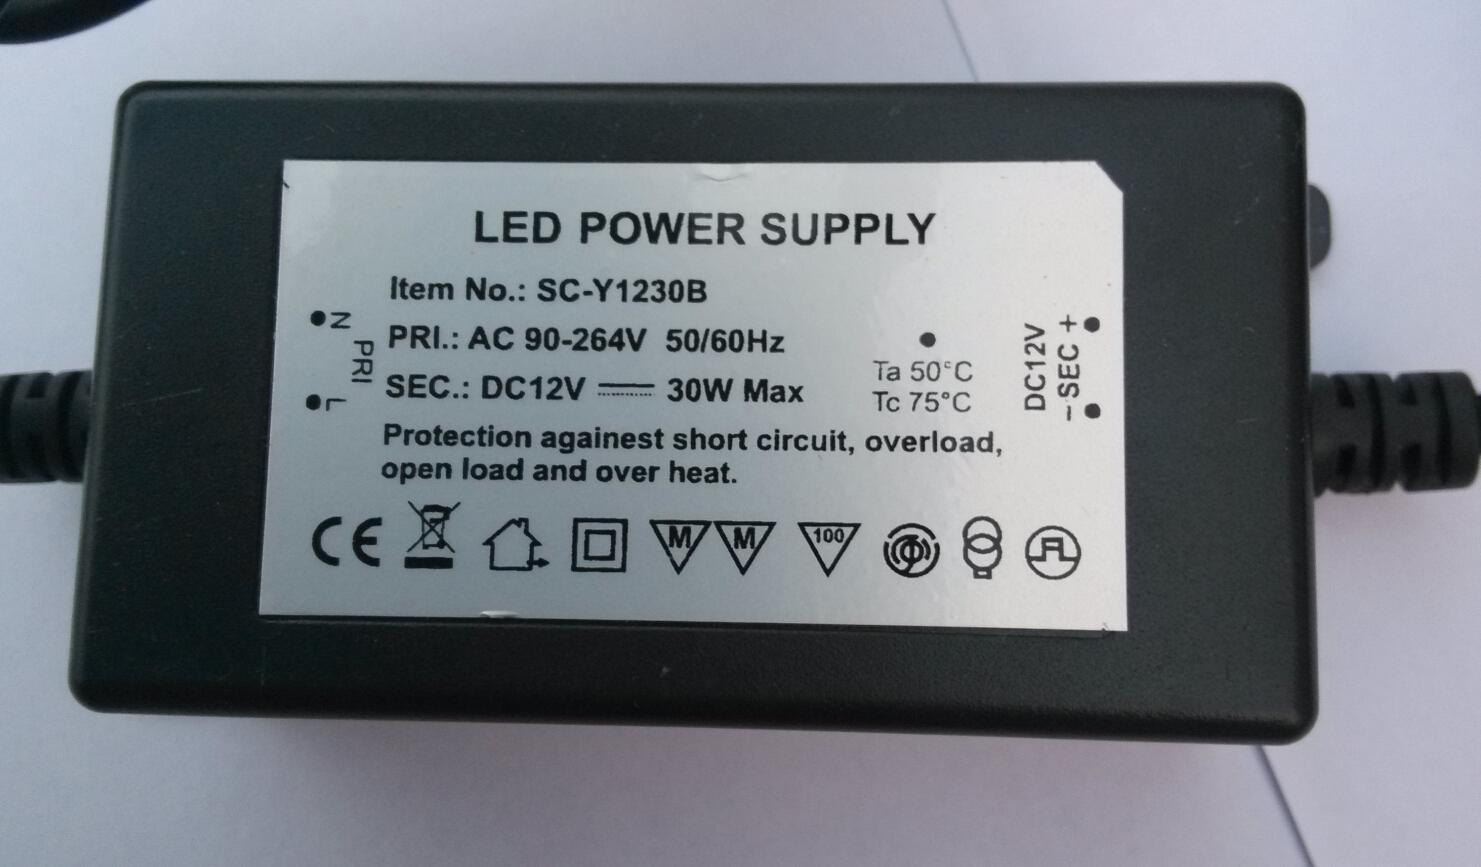 LED-Licht Transformator 12V 30W LED-Treiber-Netzteil für LED-Licht EU UK US AU-Stecker kann mit AC85-264V Strom 1 Stück / Los verbinden